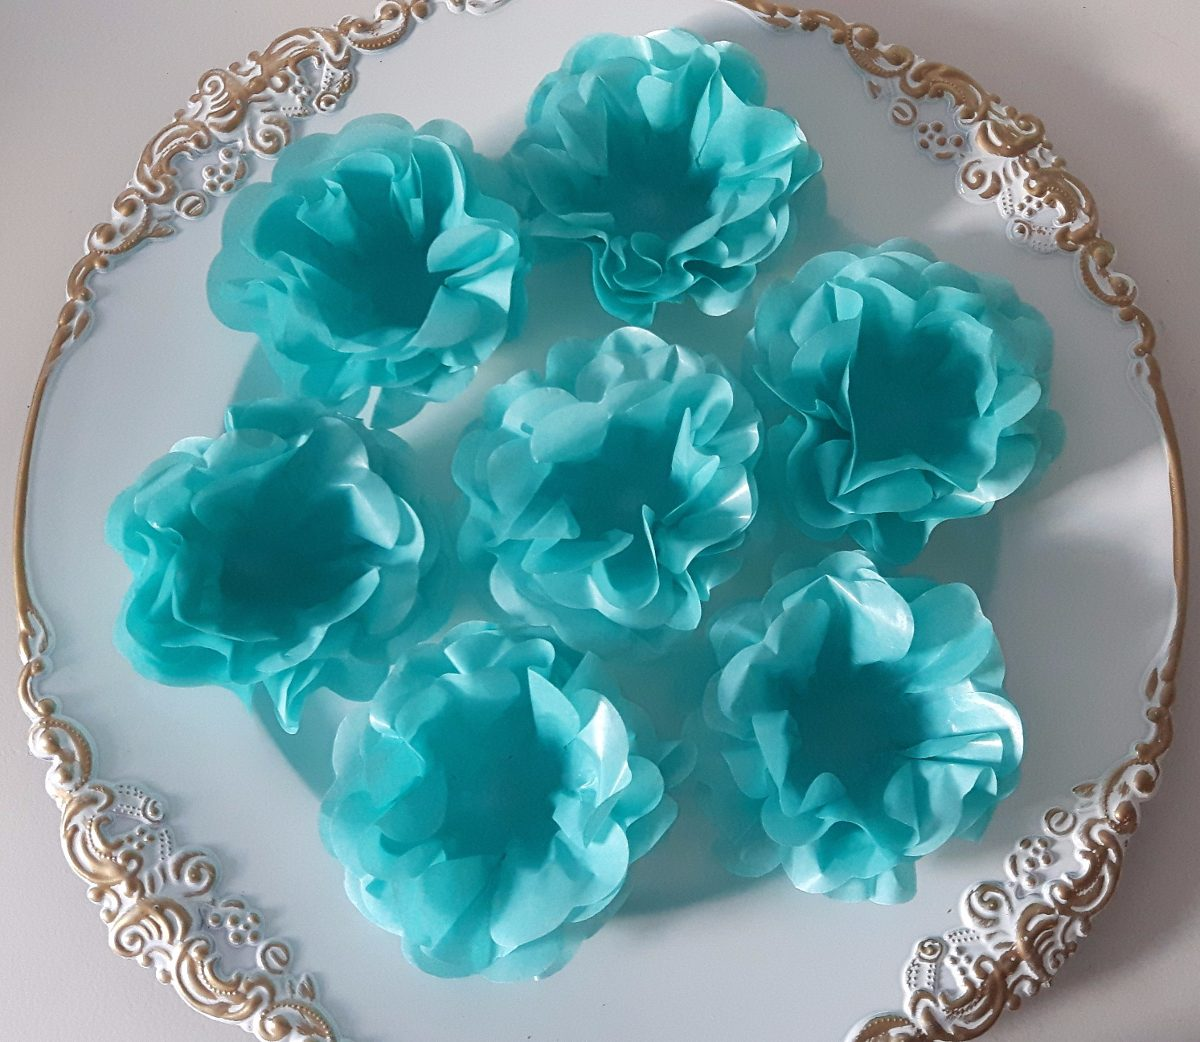 Forminhas Doces Finos Para Festas,casamentos Azul Tiffany - R  48,90 ... 2e9afa0b9e